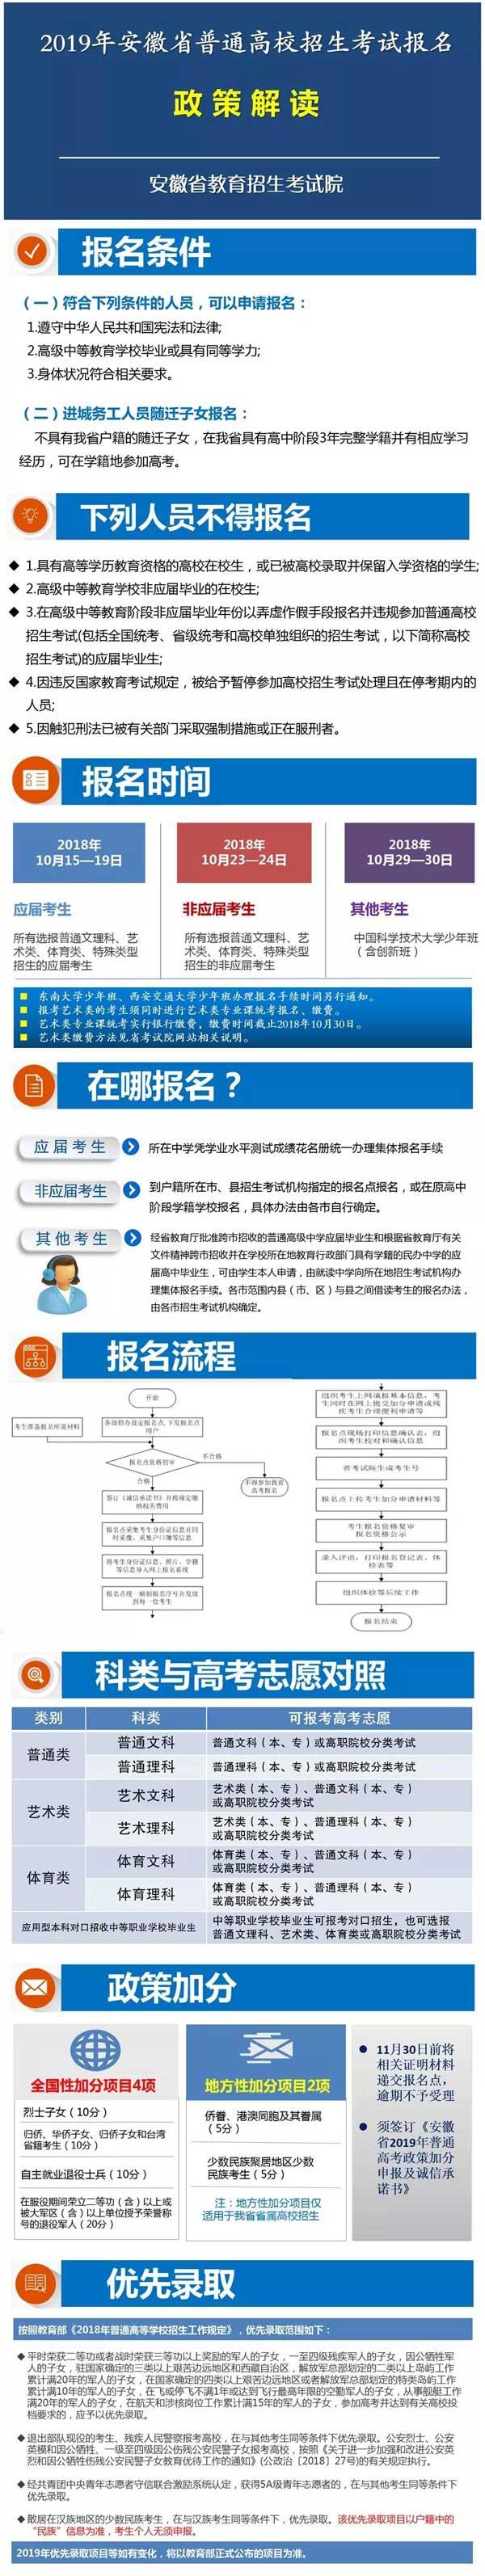 安徽2019年高考招生考试报名政策解读